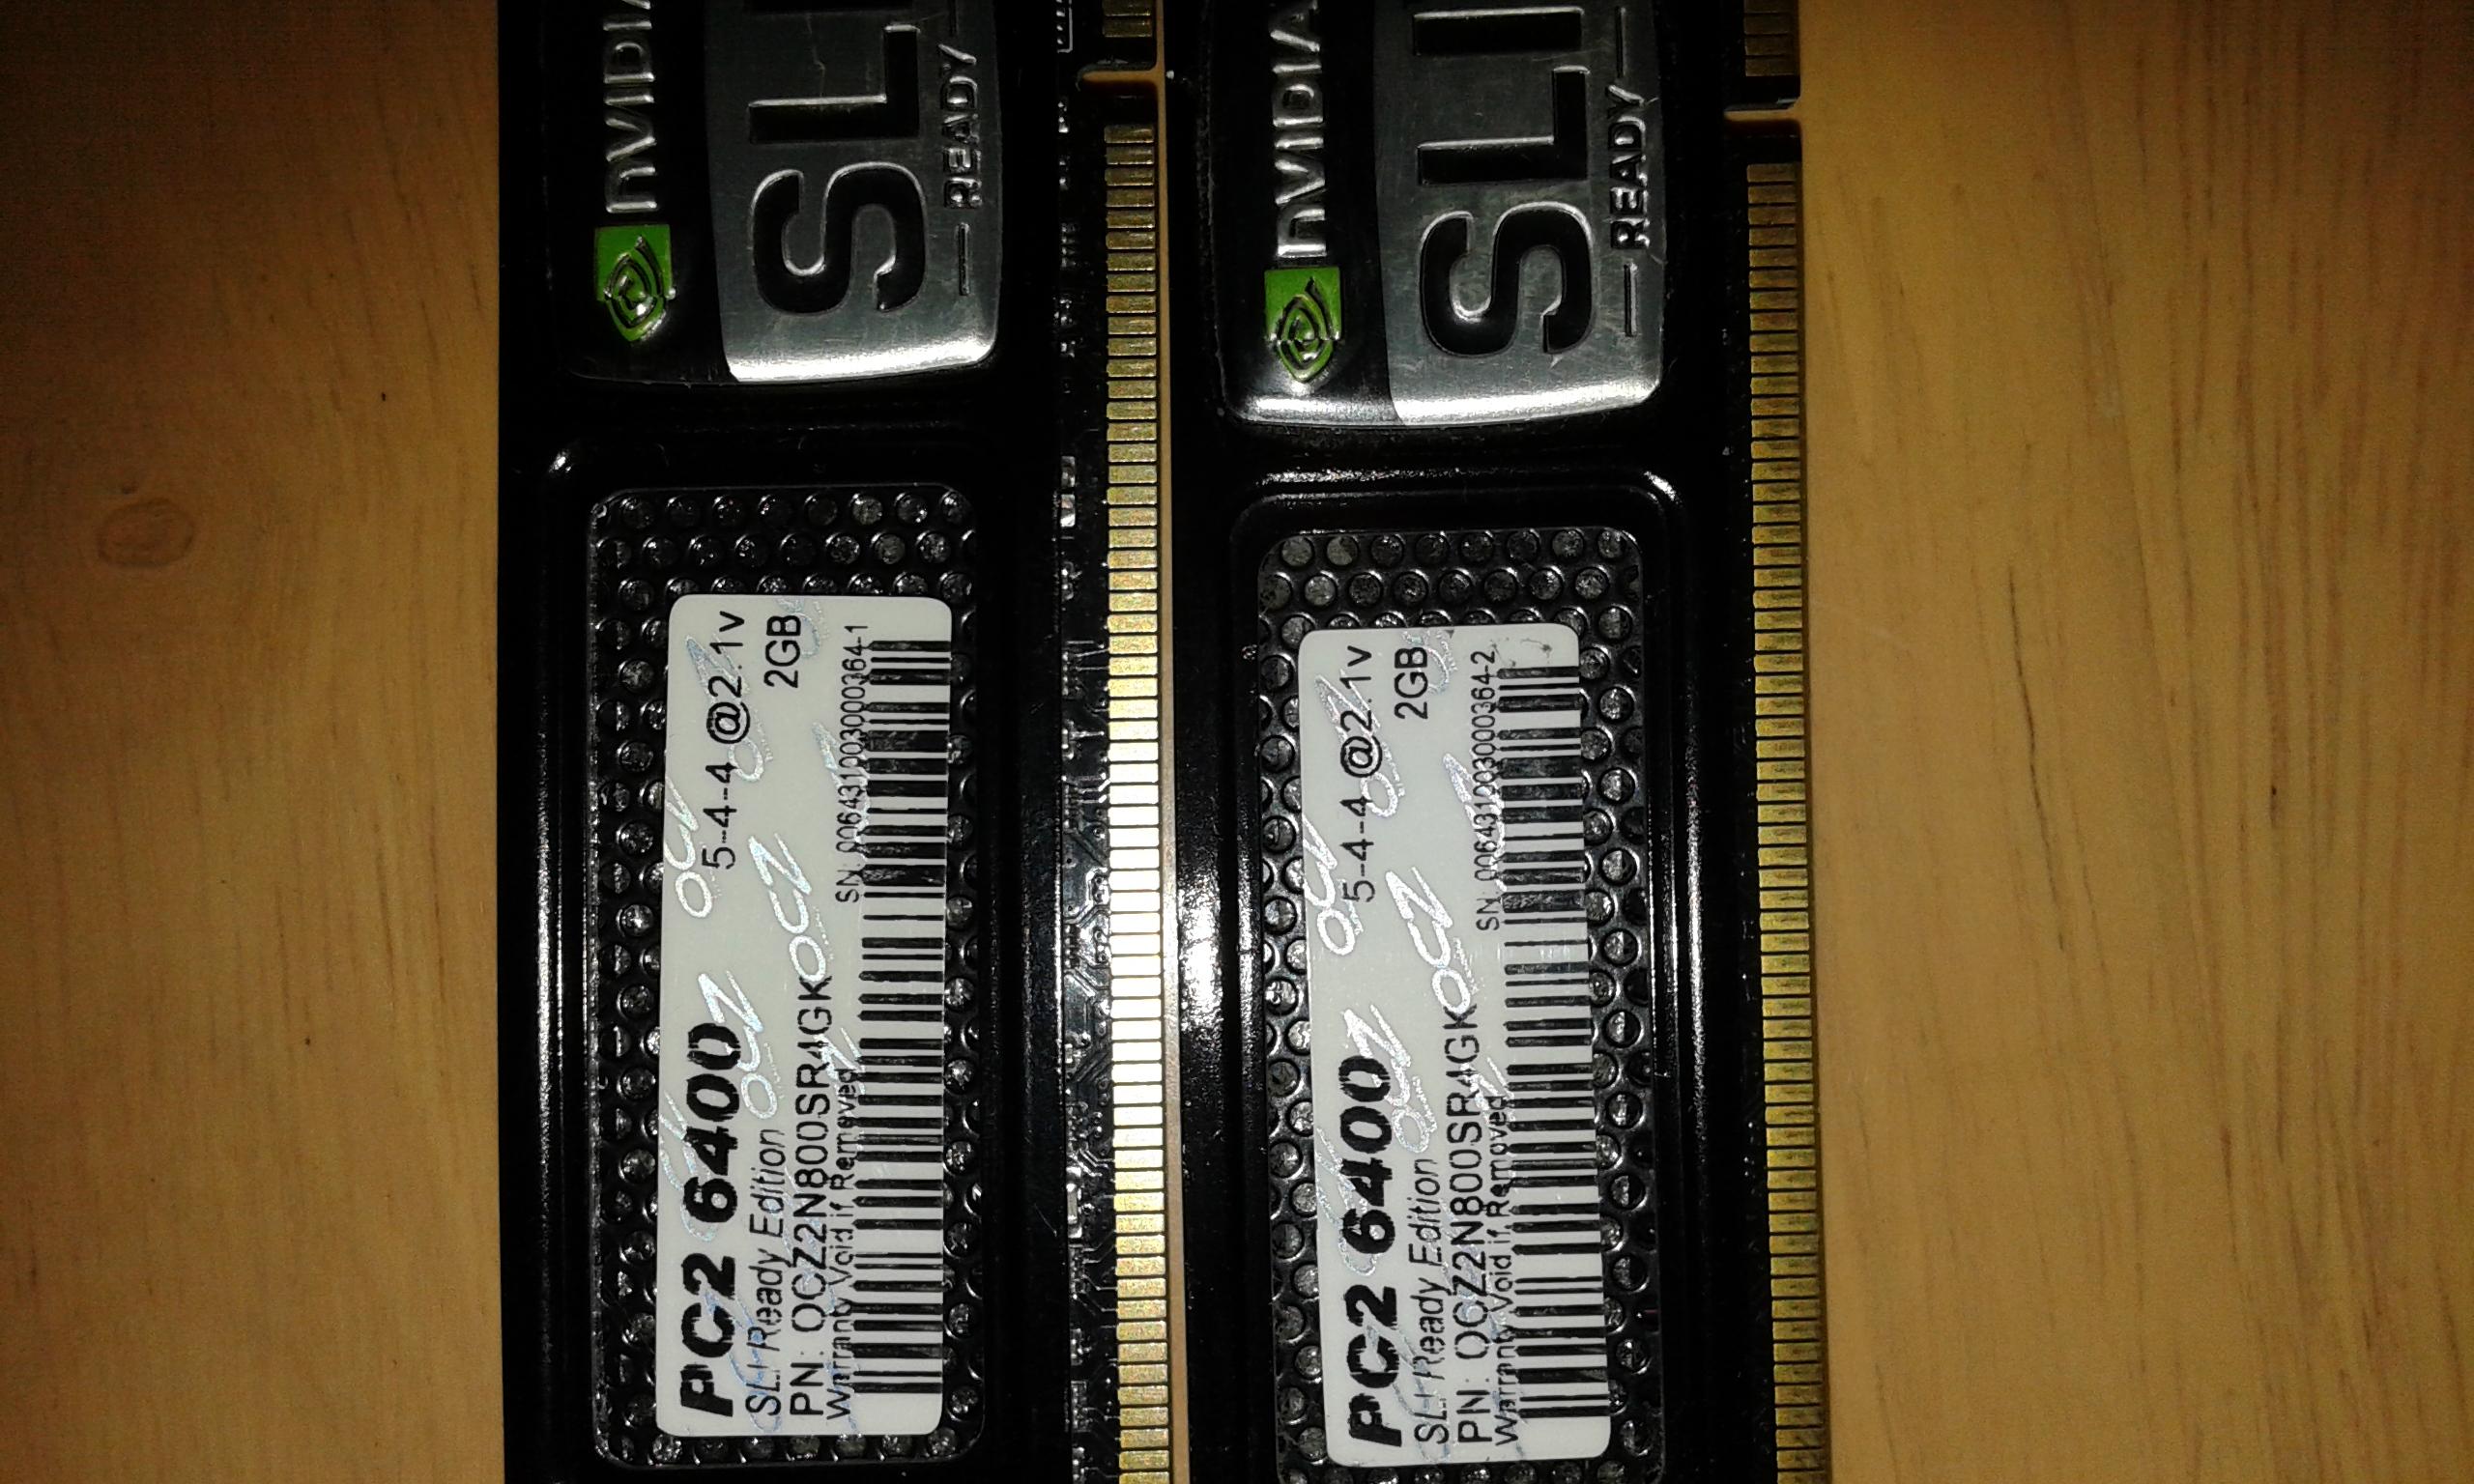 Monta� procesora Xeon z podstawk� LGA771 na podstawce LGA775 - ciekawostka